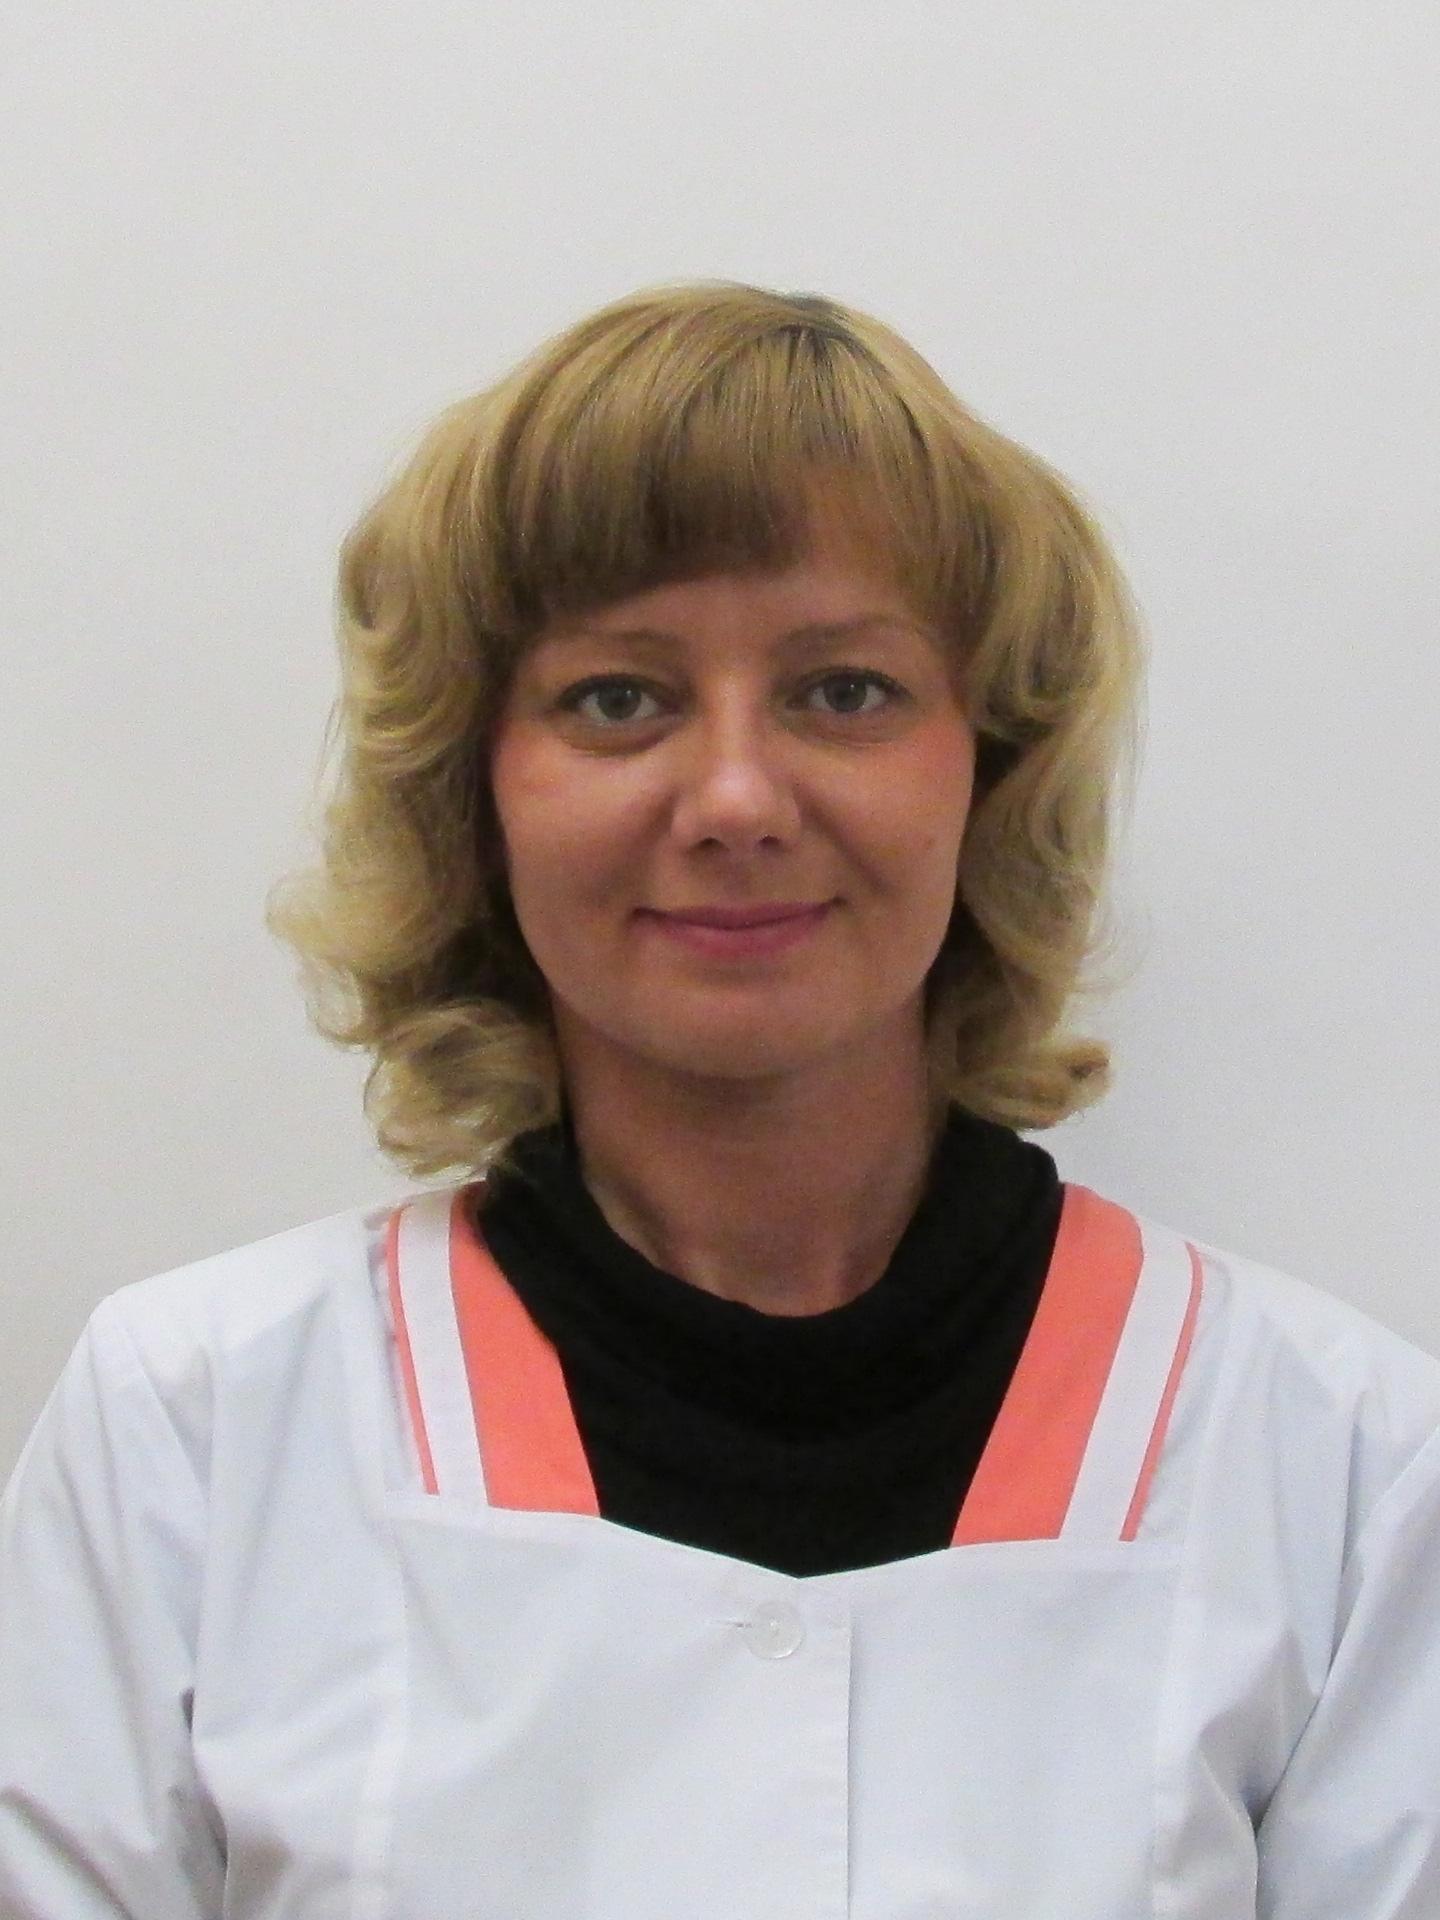 molchanova yz